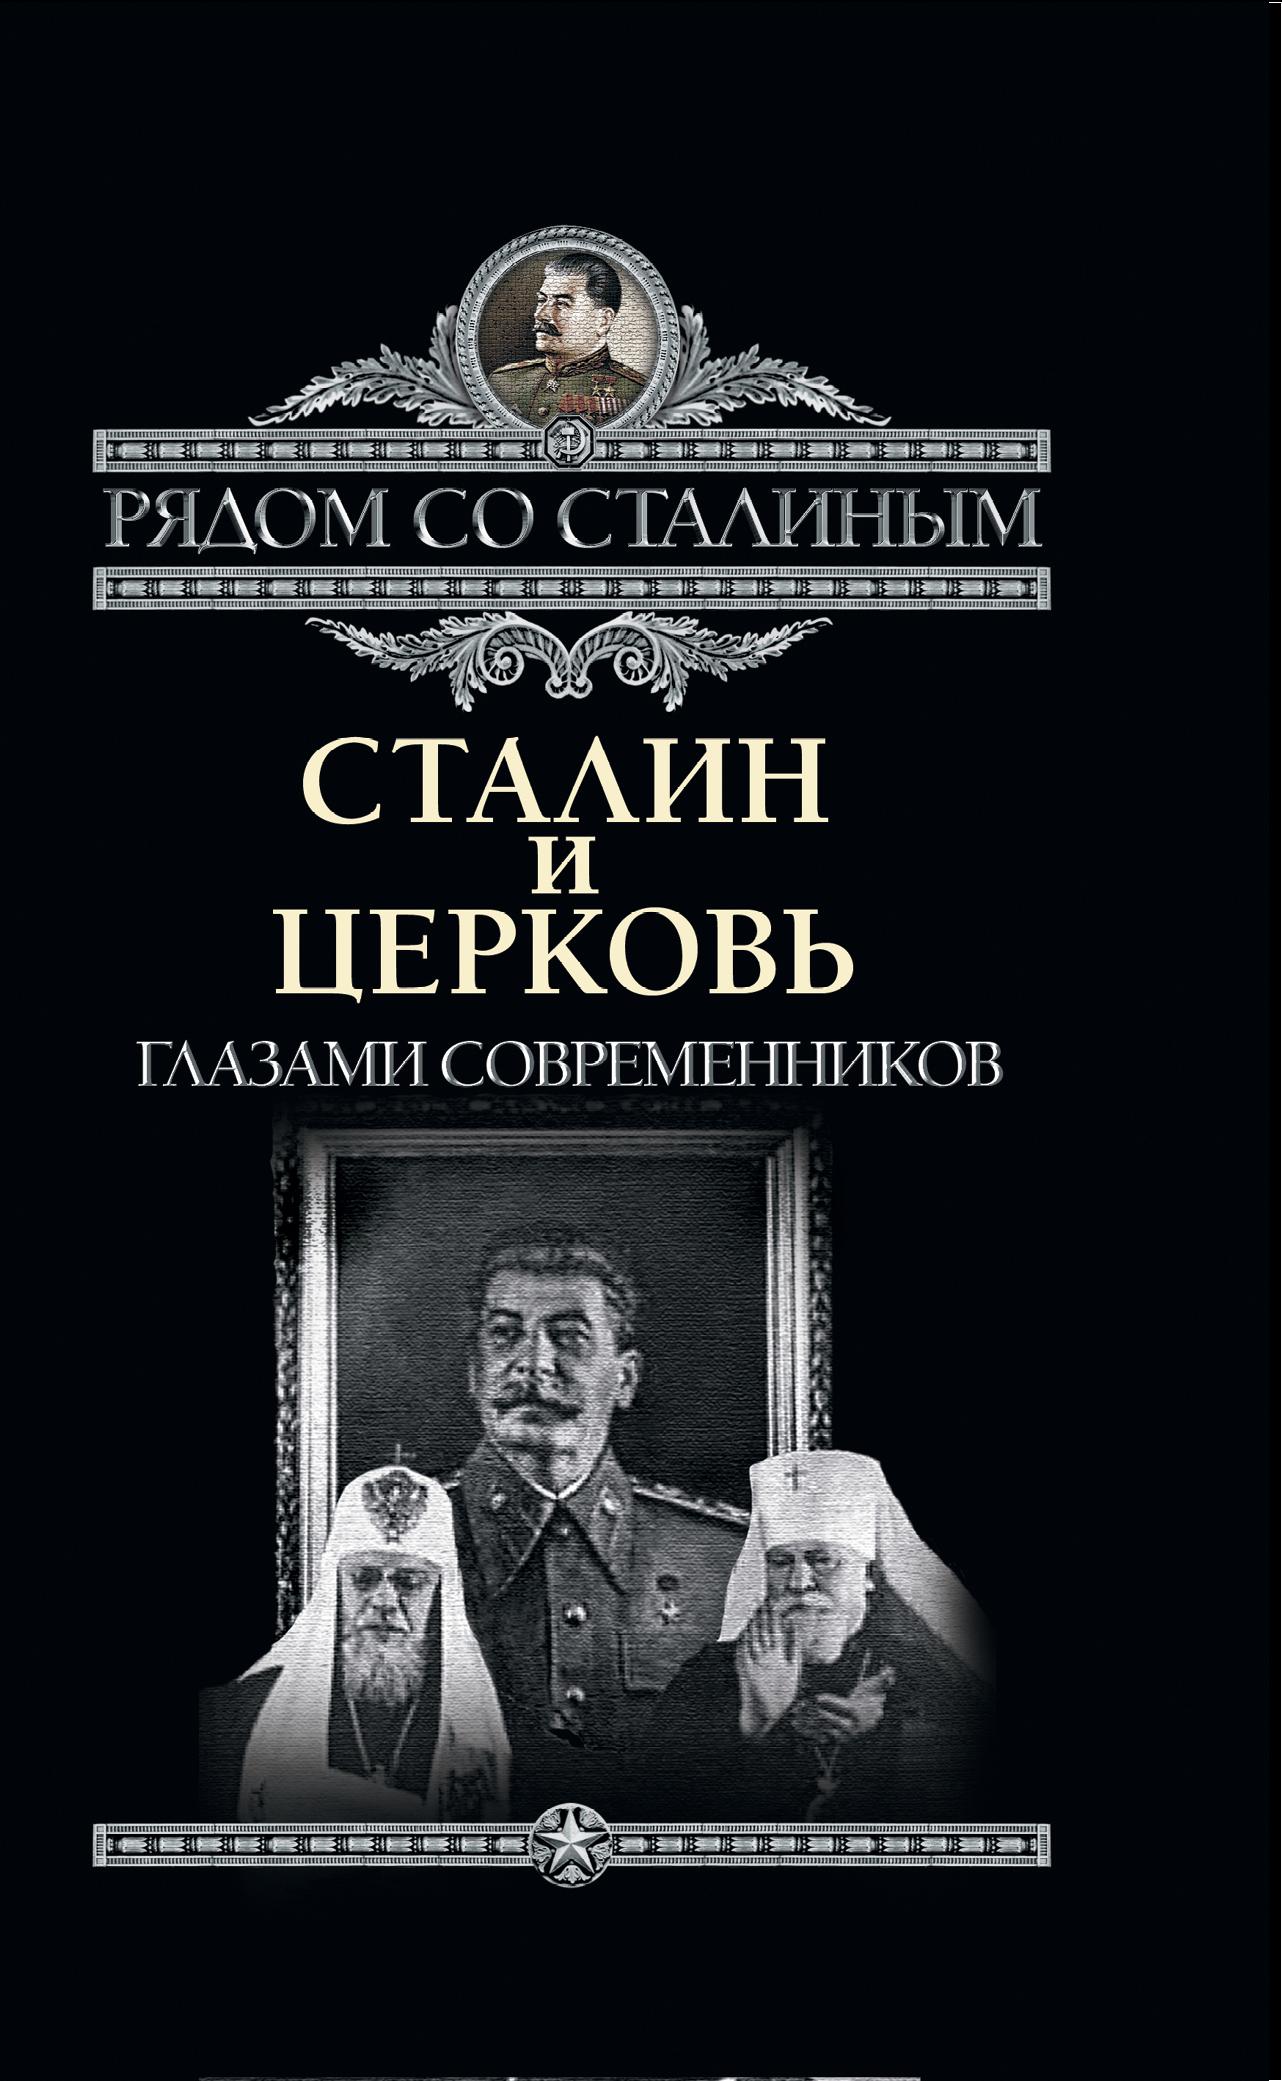 Сталин и Церковь глазами современников: патриархов, святых, священников ( Дорохин П.С.  )